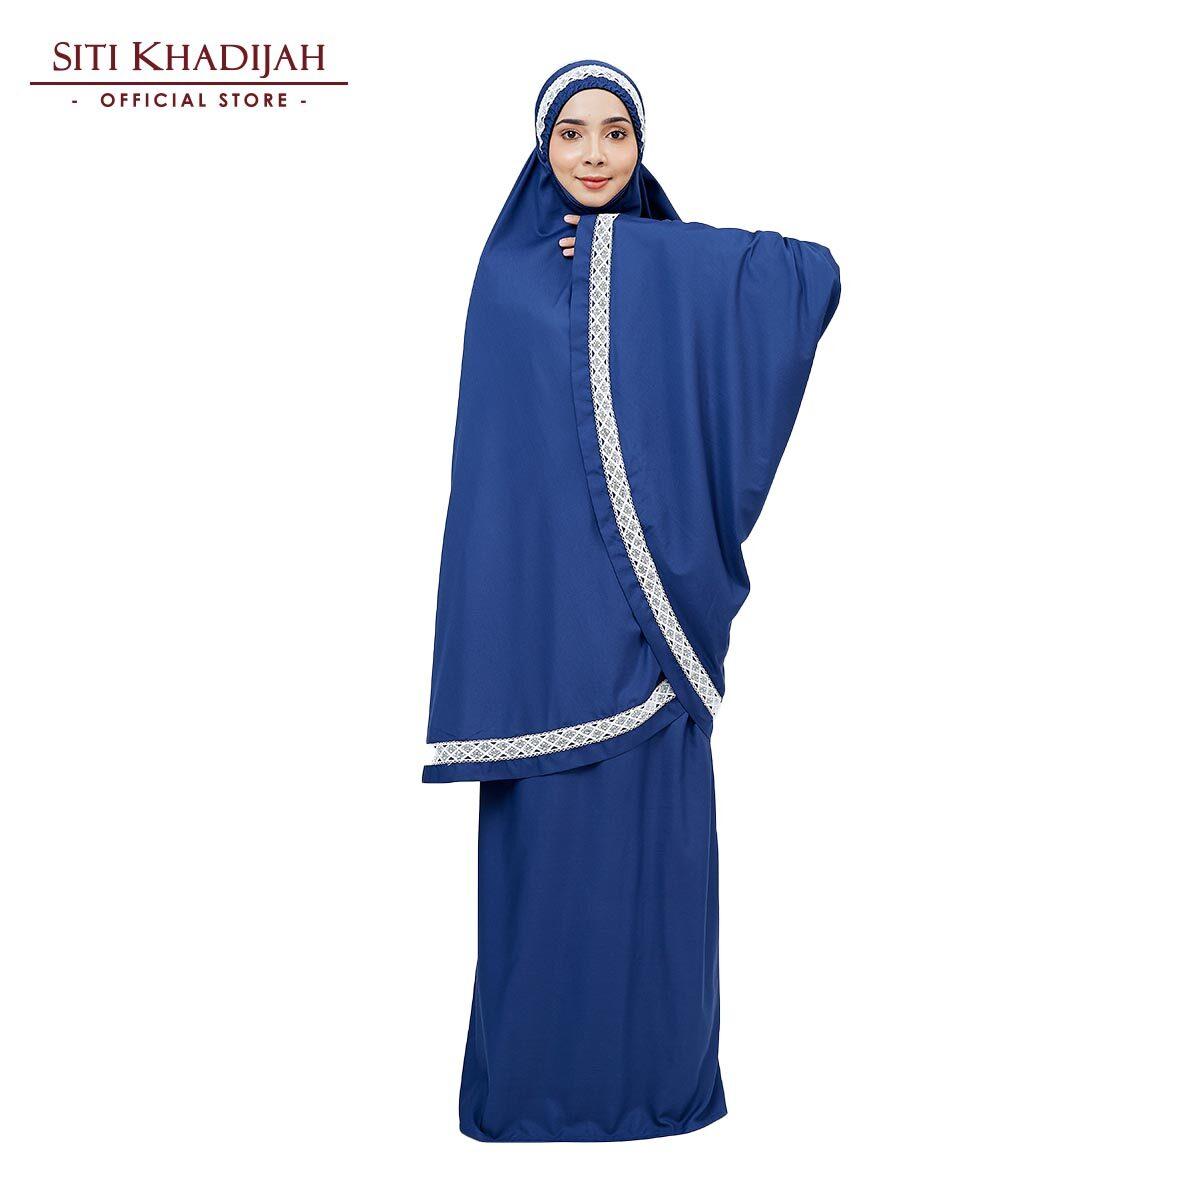 Siti Khadijah Signature Modish Melati in Navy Blue